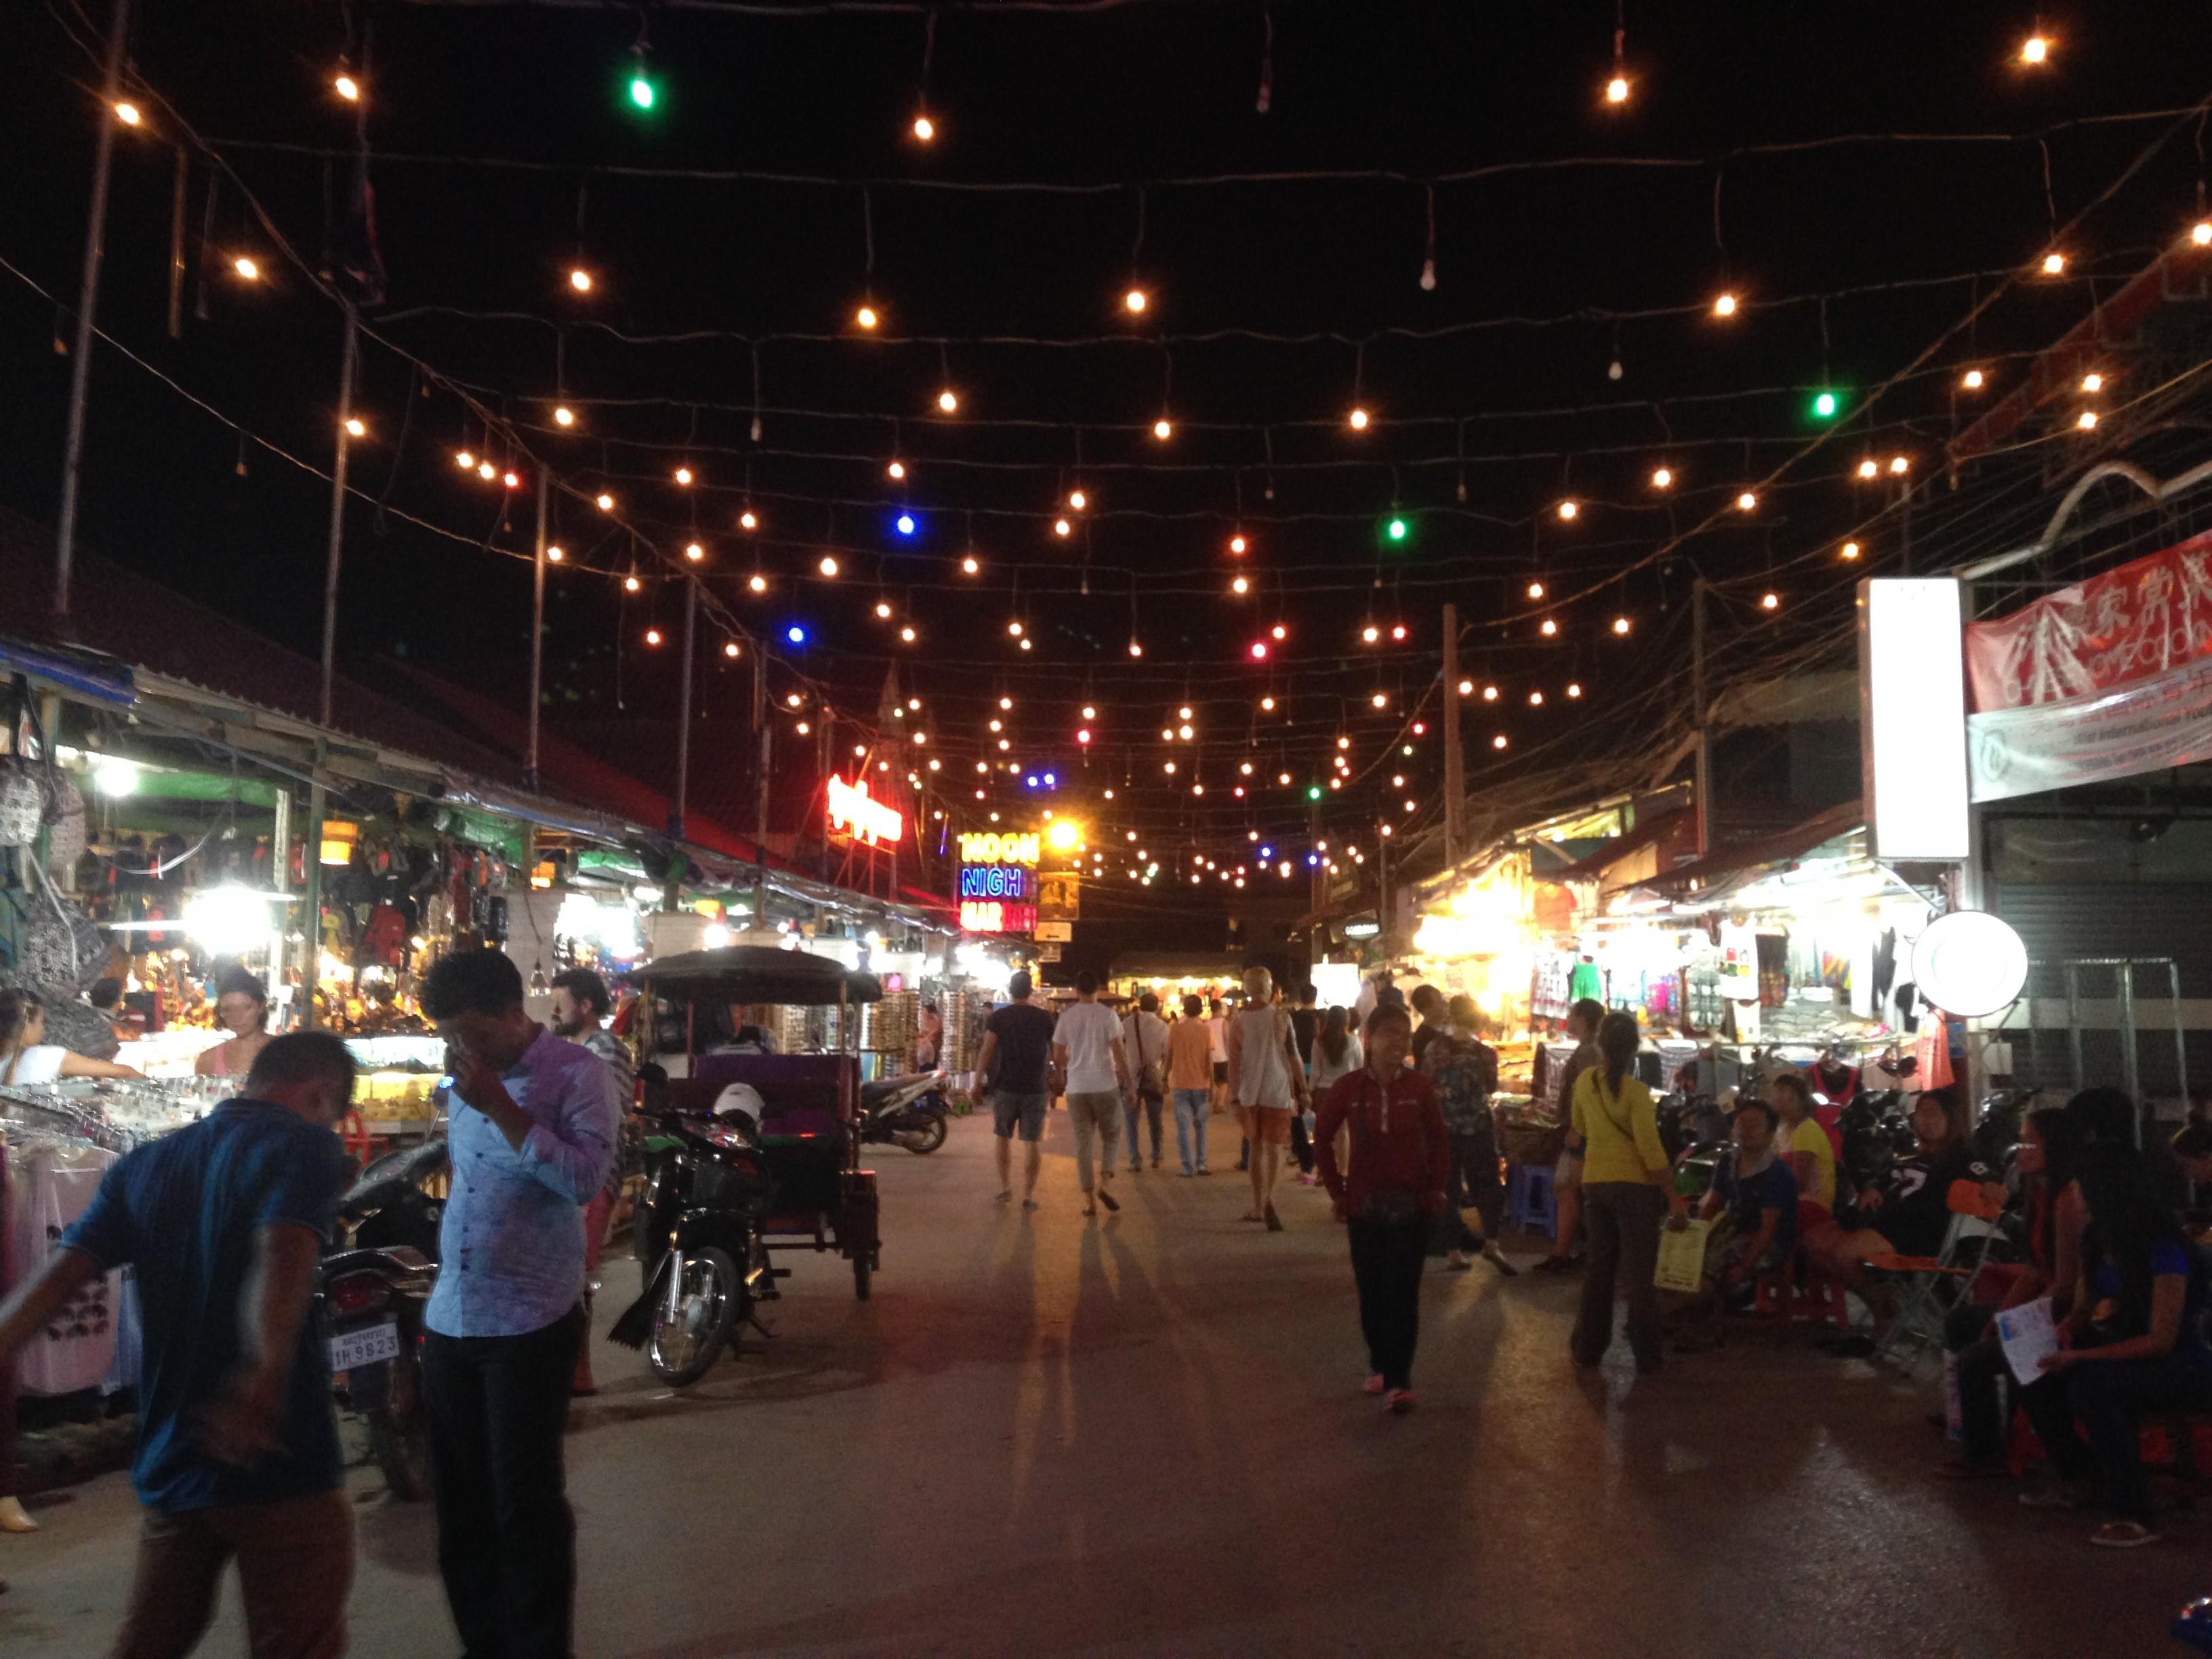 2015カンボジア旅行記 アンコール・トム~ナイトマーケット編